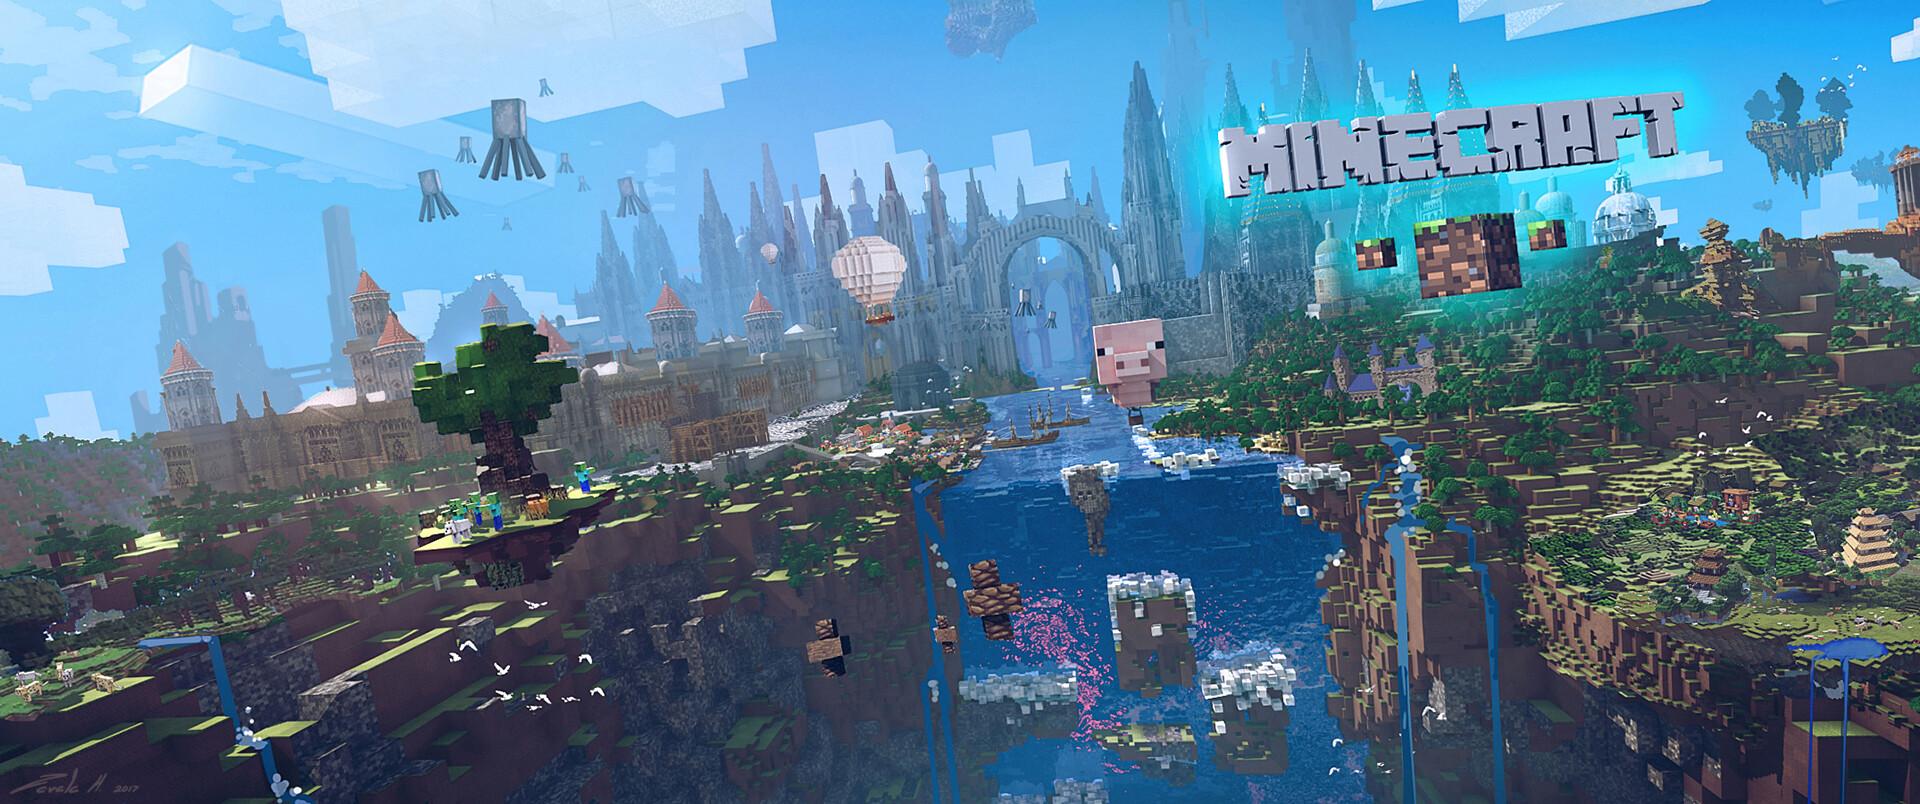 Stephen zavala minecraft world 1 sz